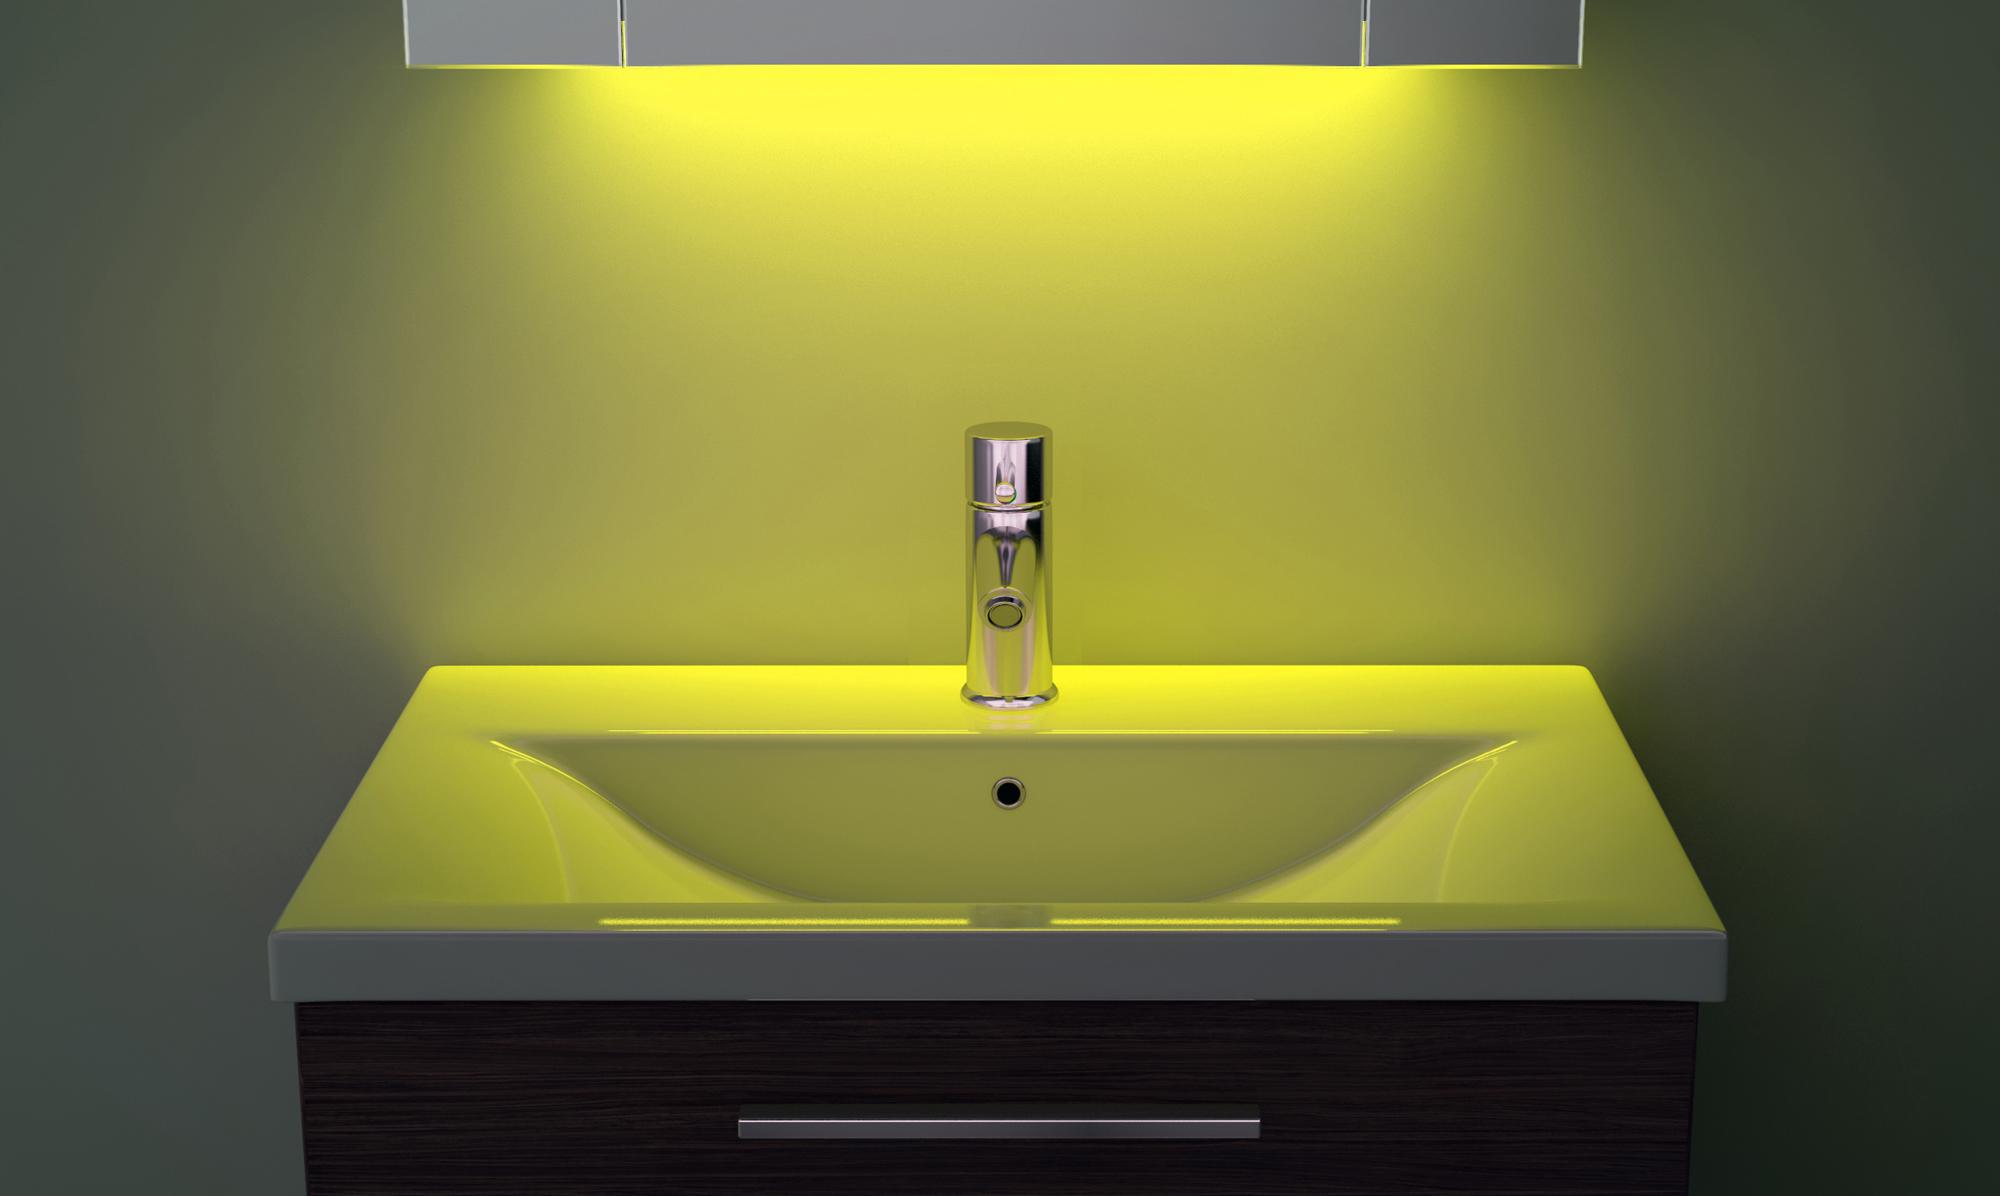 Wall Light With Shaver Socket: Demist Cabinet With LED Under Lighting, Sensor & Internal